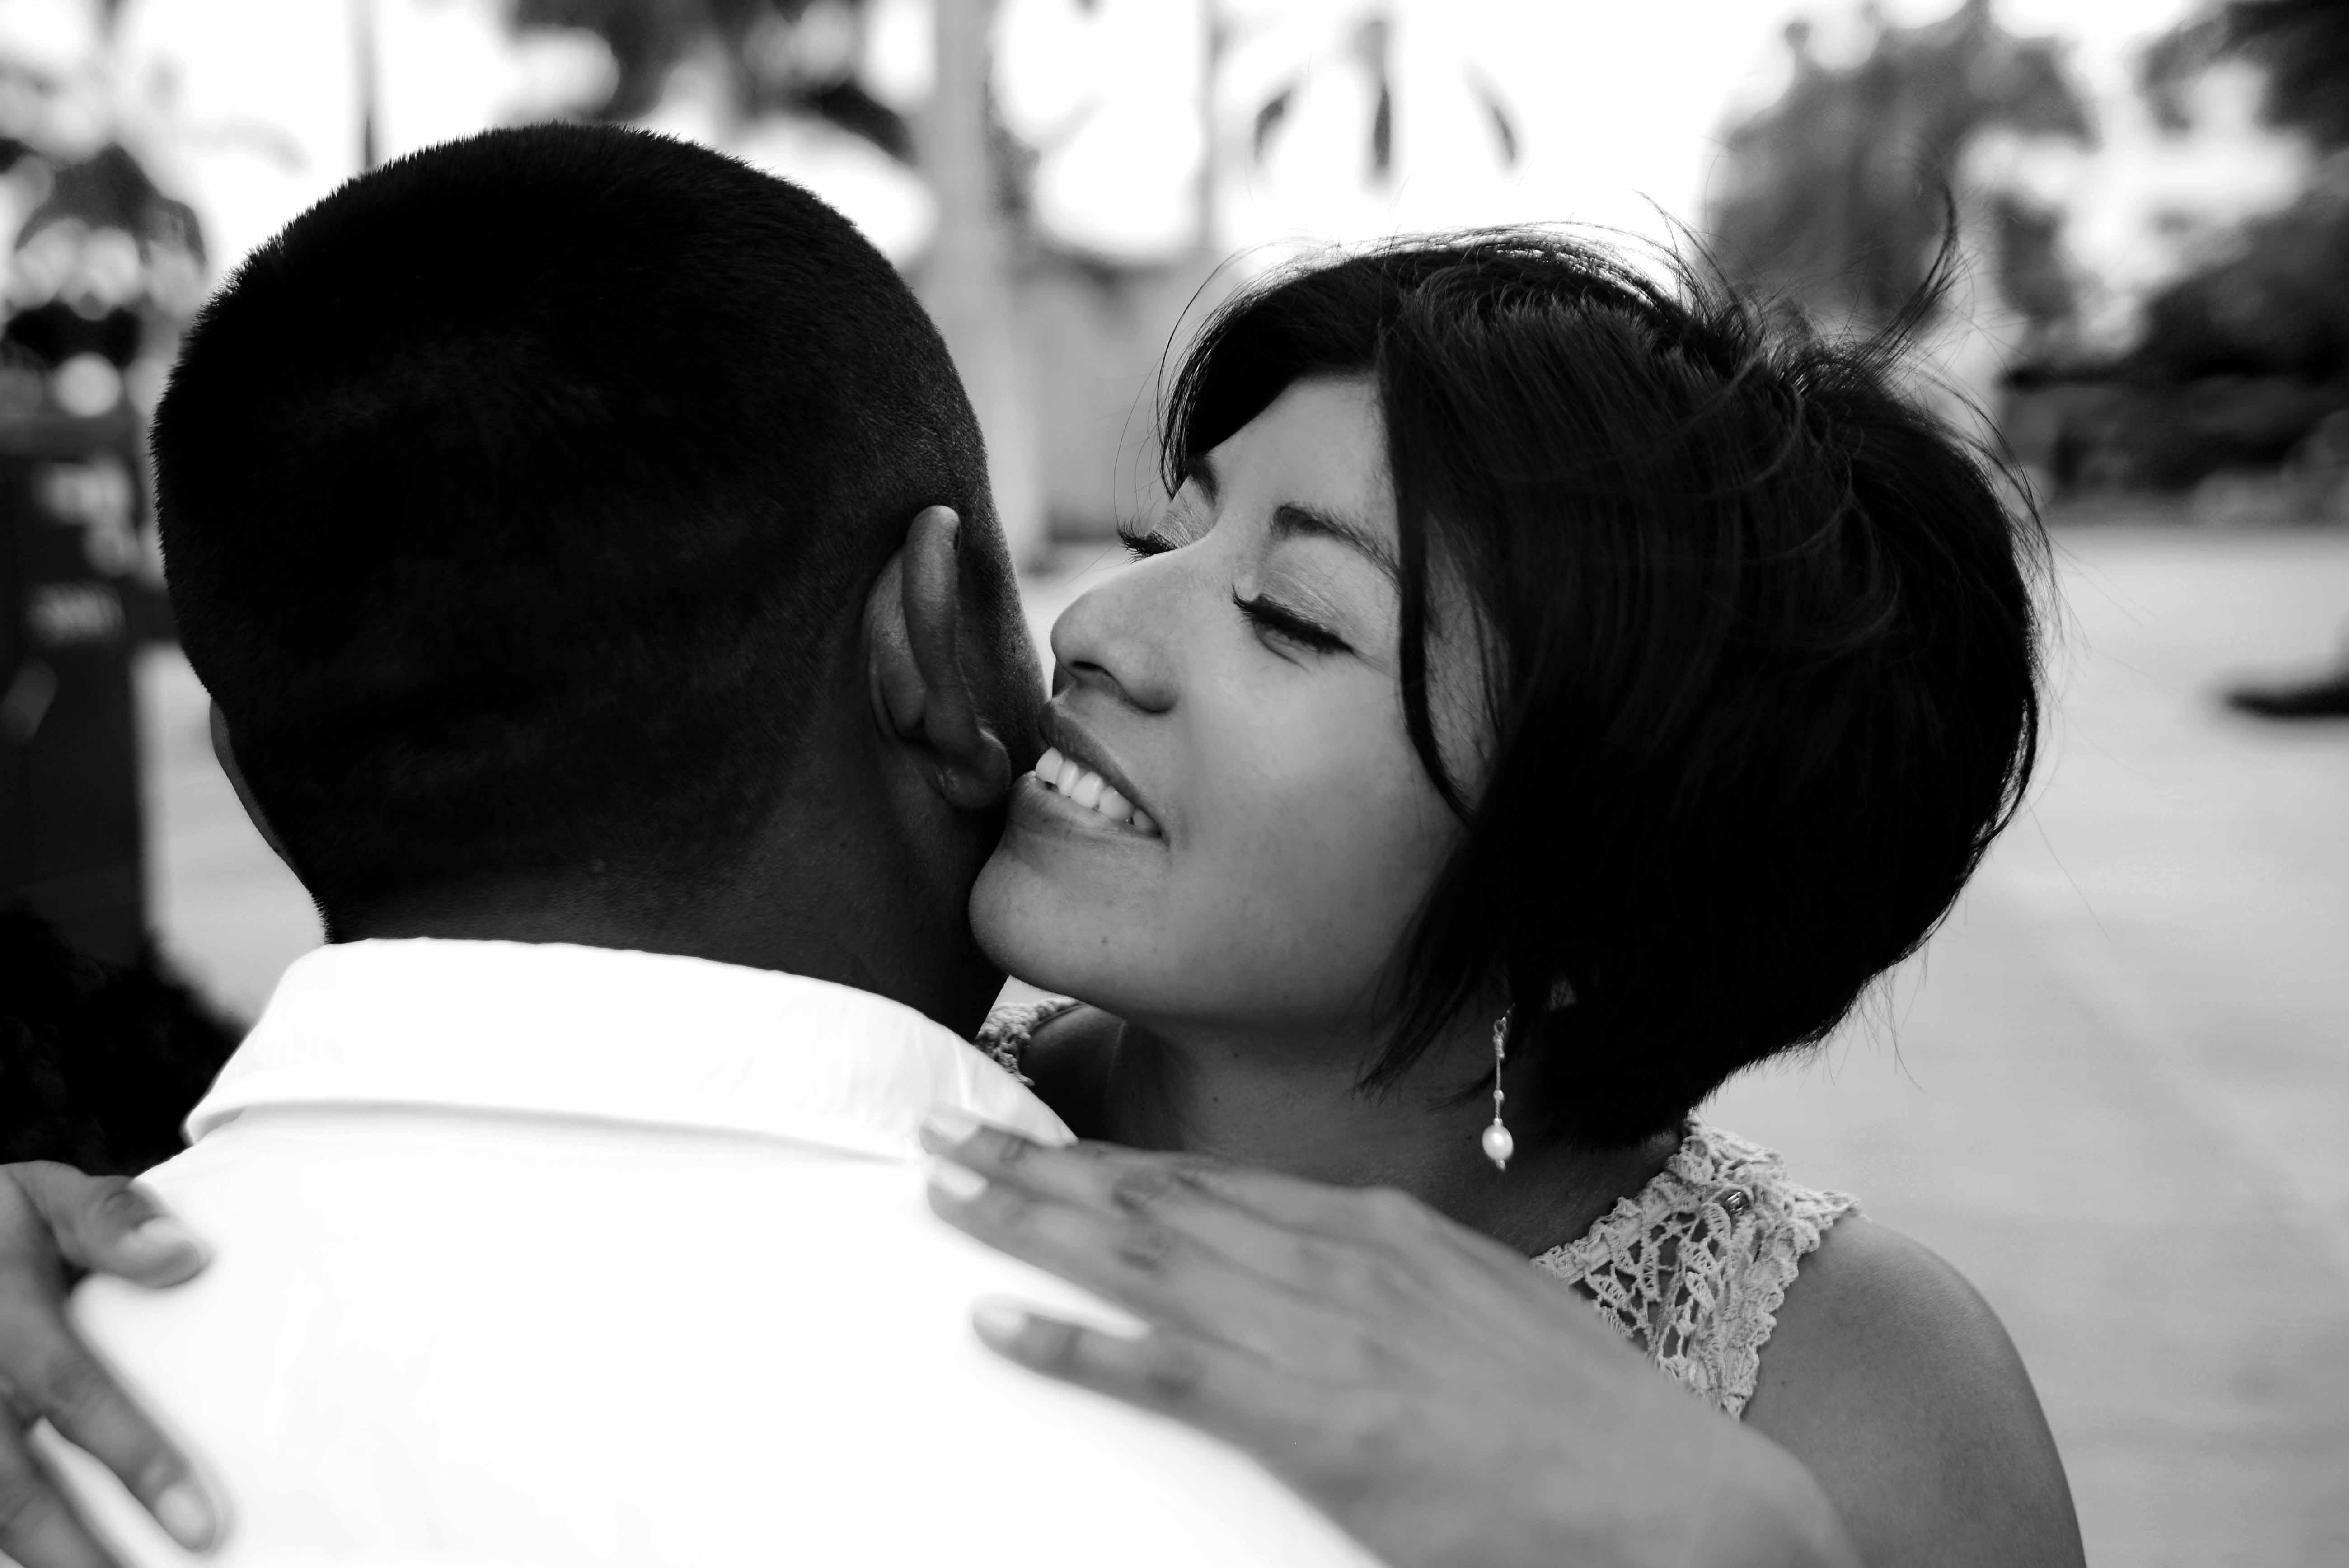 Wedding photo shoot - Basic package